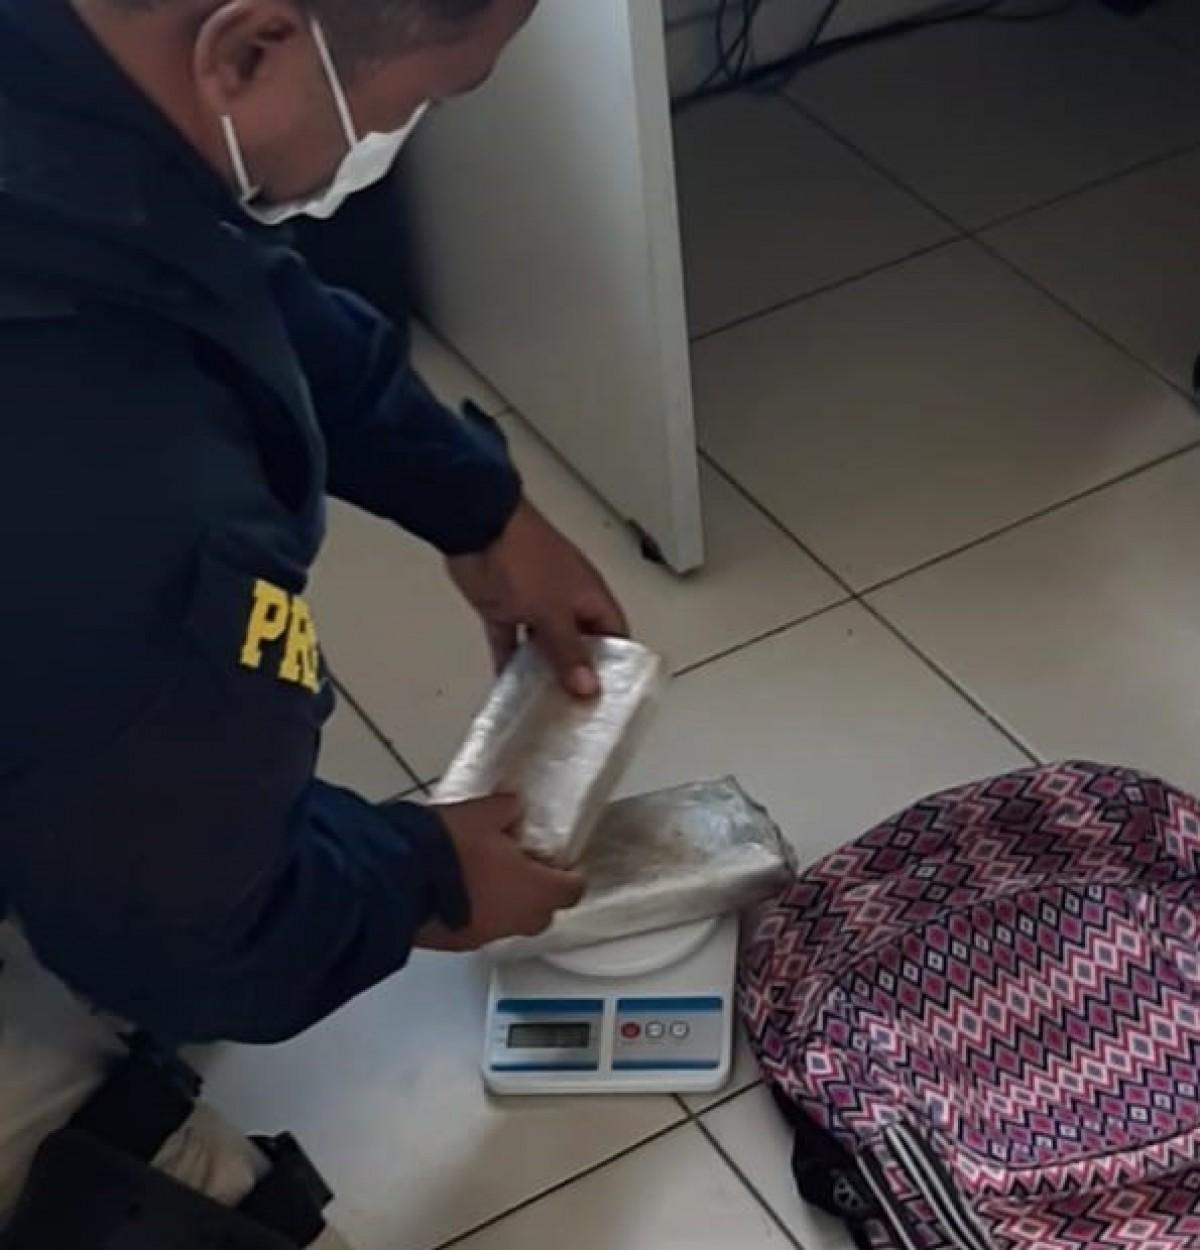 Sergipe: Durante fiscalização em ônibus, PRF localiza tabletes de maconha em mochila de passageiro (Foto: PRF/SE)